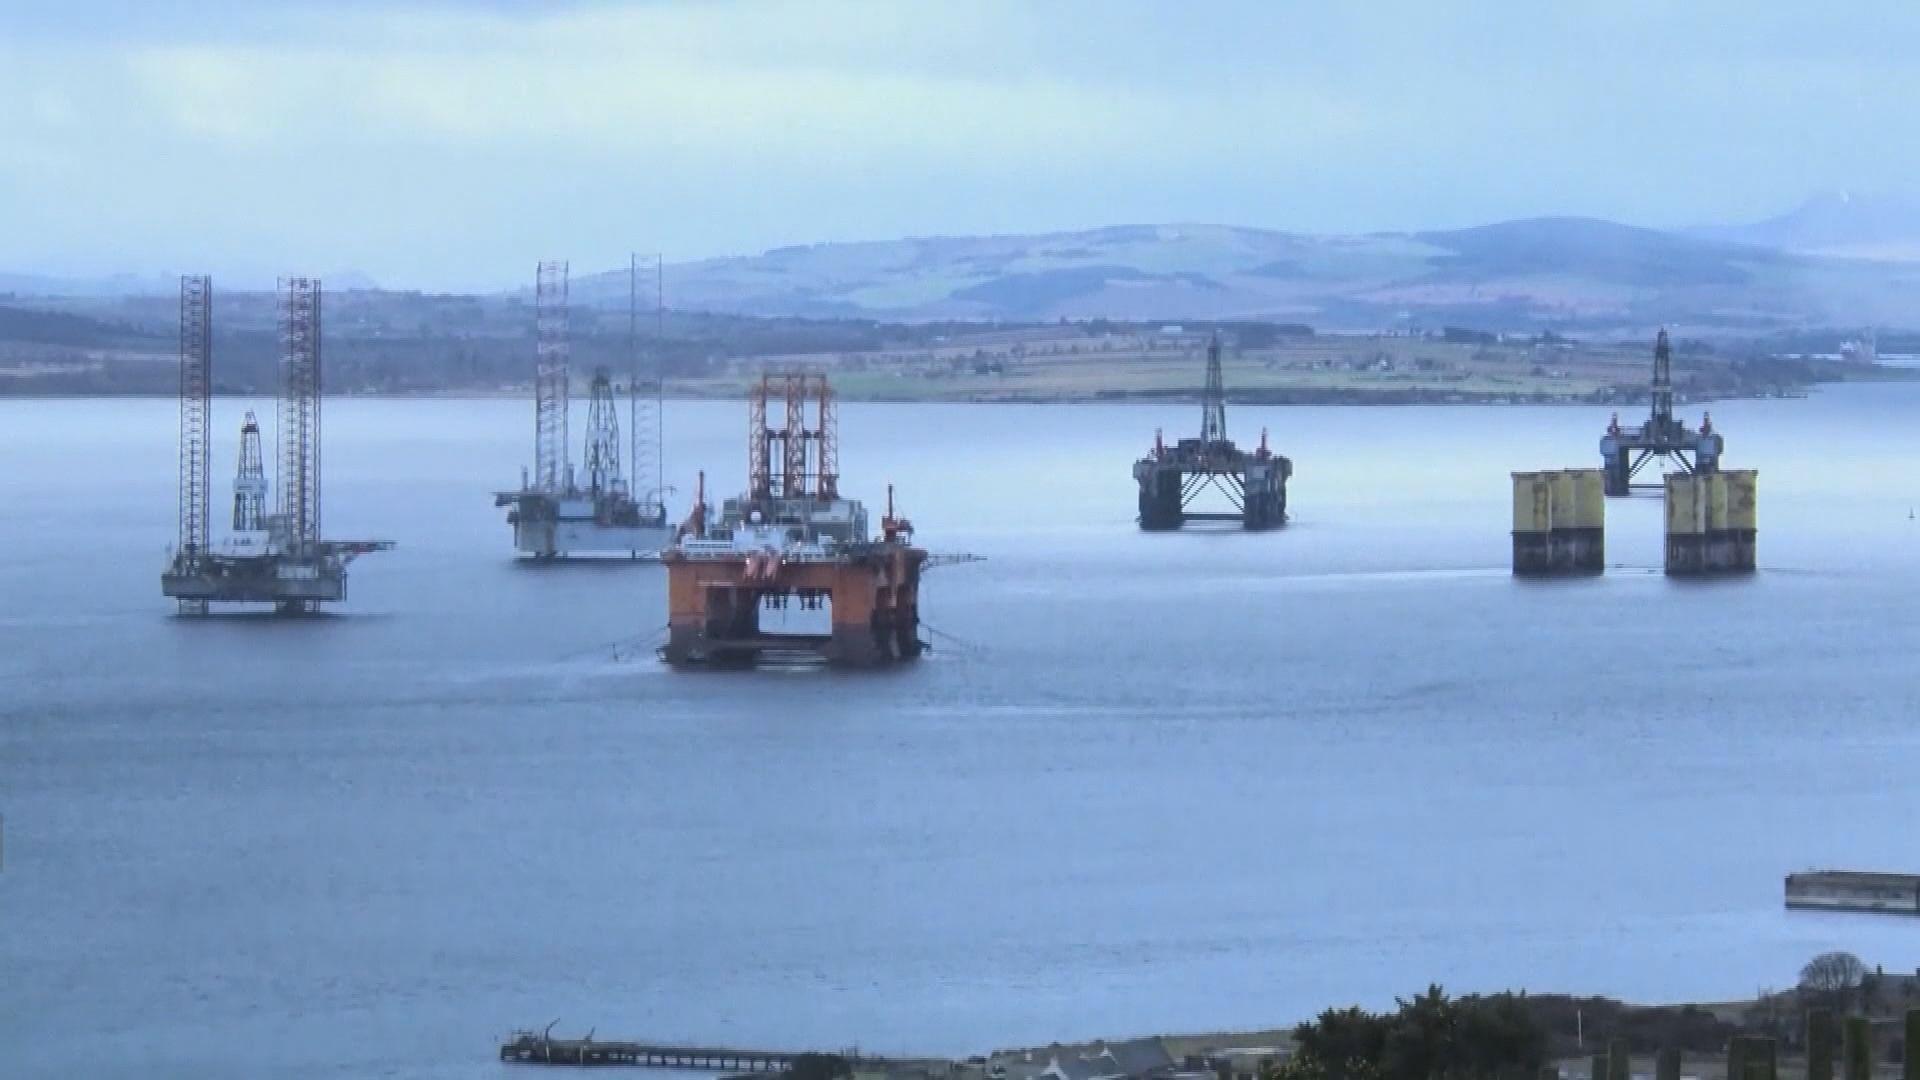 原油出口大減刺激國際油價上升